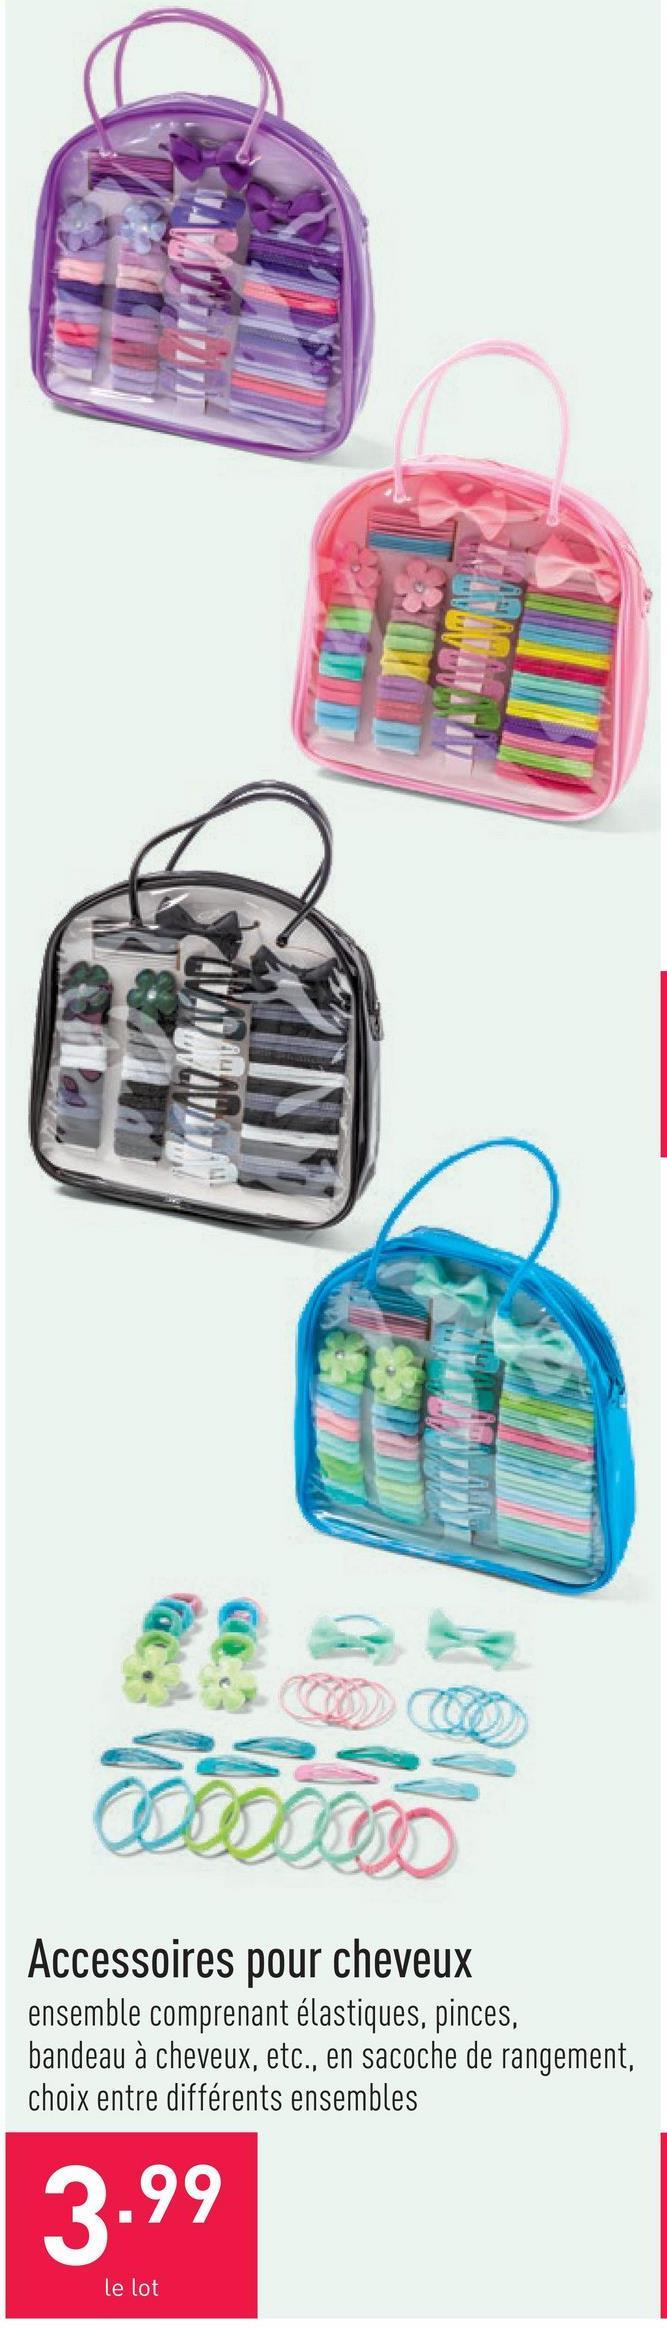 Accessoires pour cheveux ensemble comprenant élastiques, pinces, bandeau à cheveux, etc., en sacoche de rangement, choix entre différents ensembles